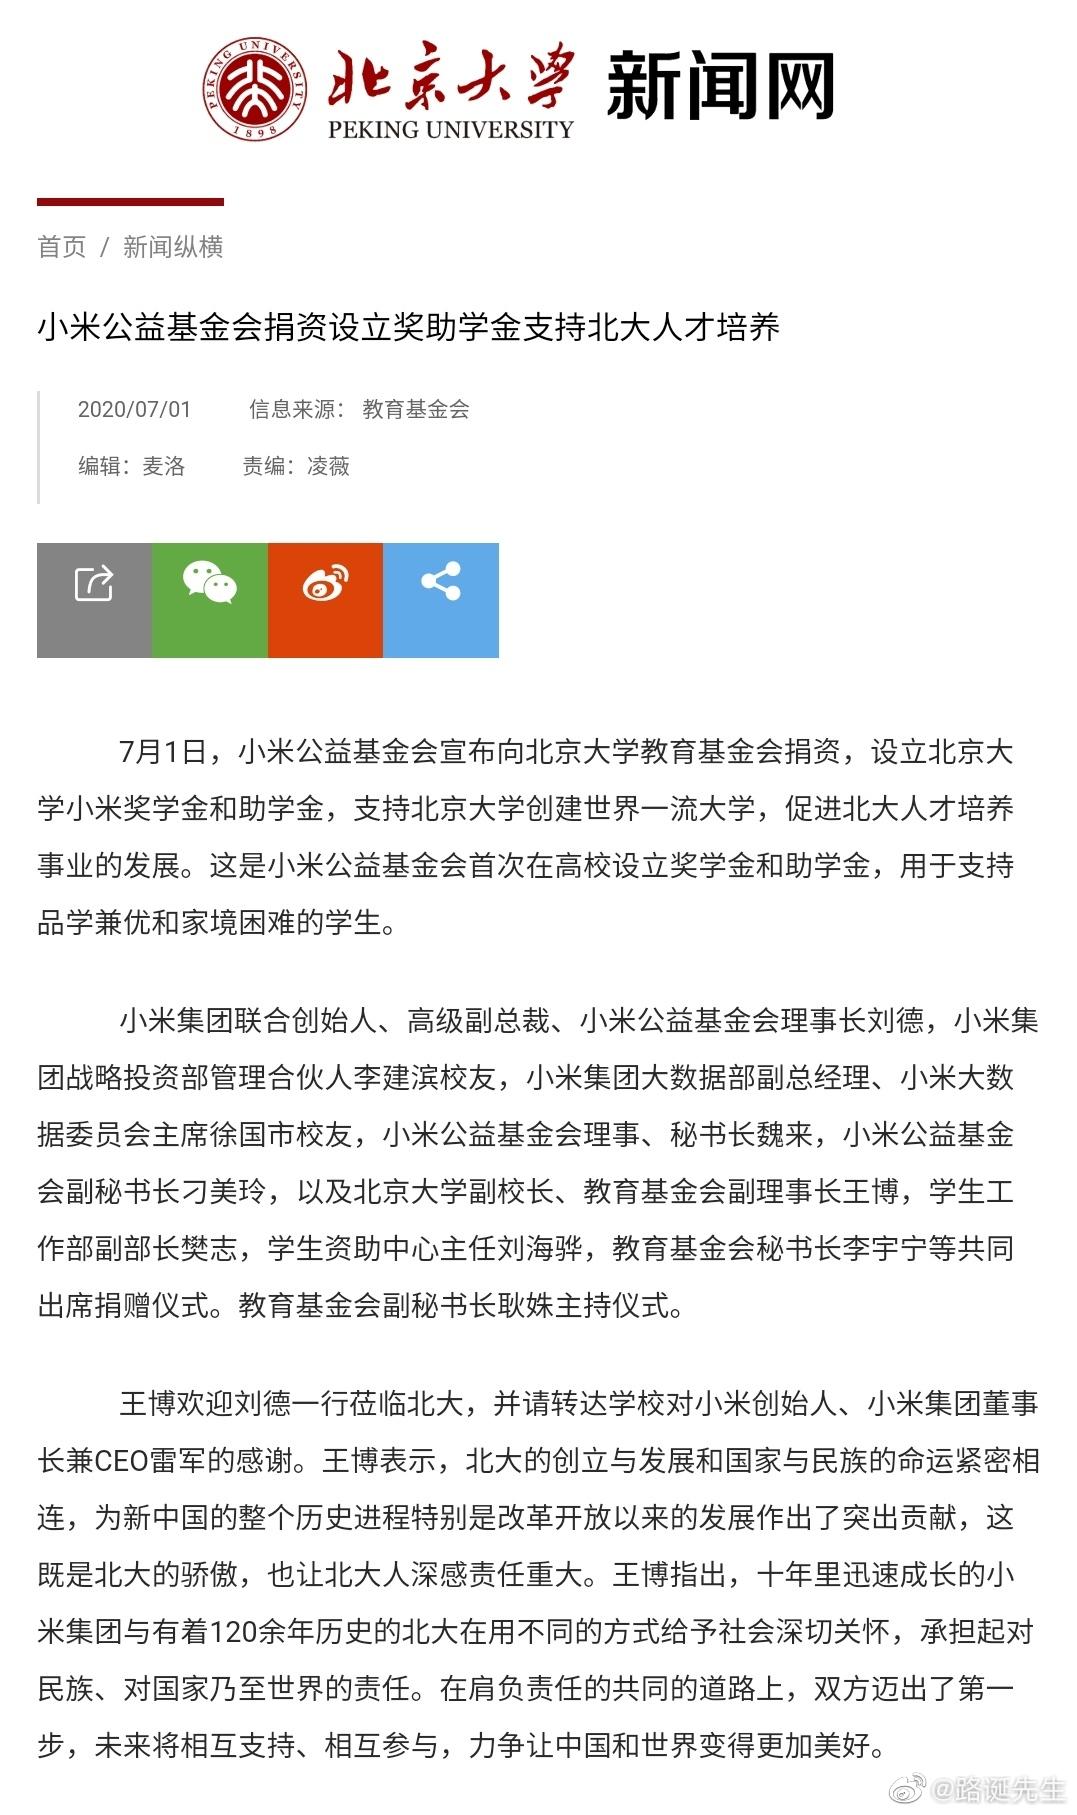 北京大学、清华大学、北京航天航空大学、北京理工大学、上海交通大学